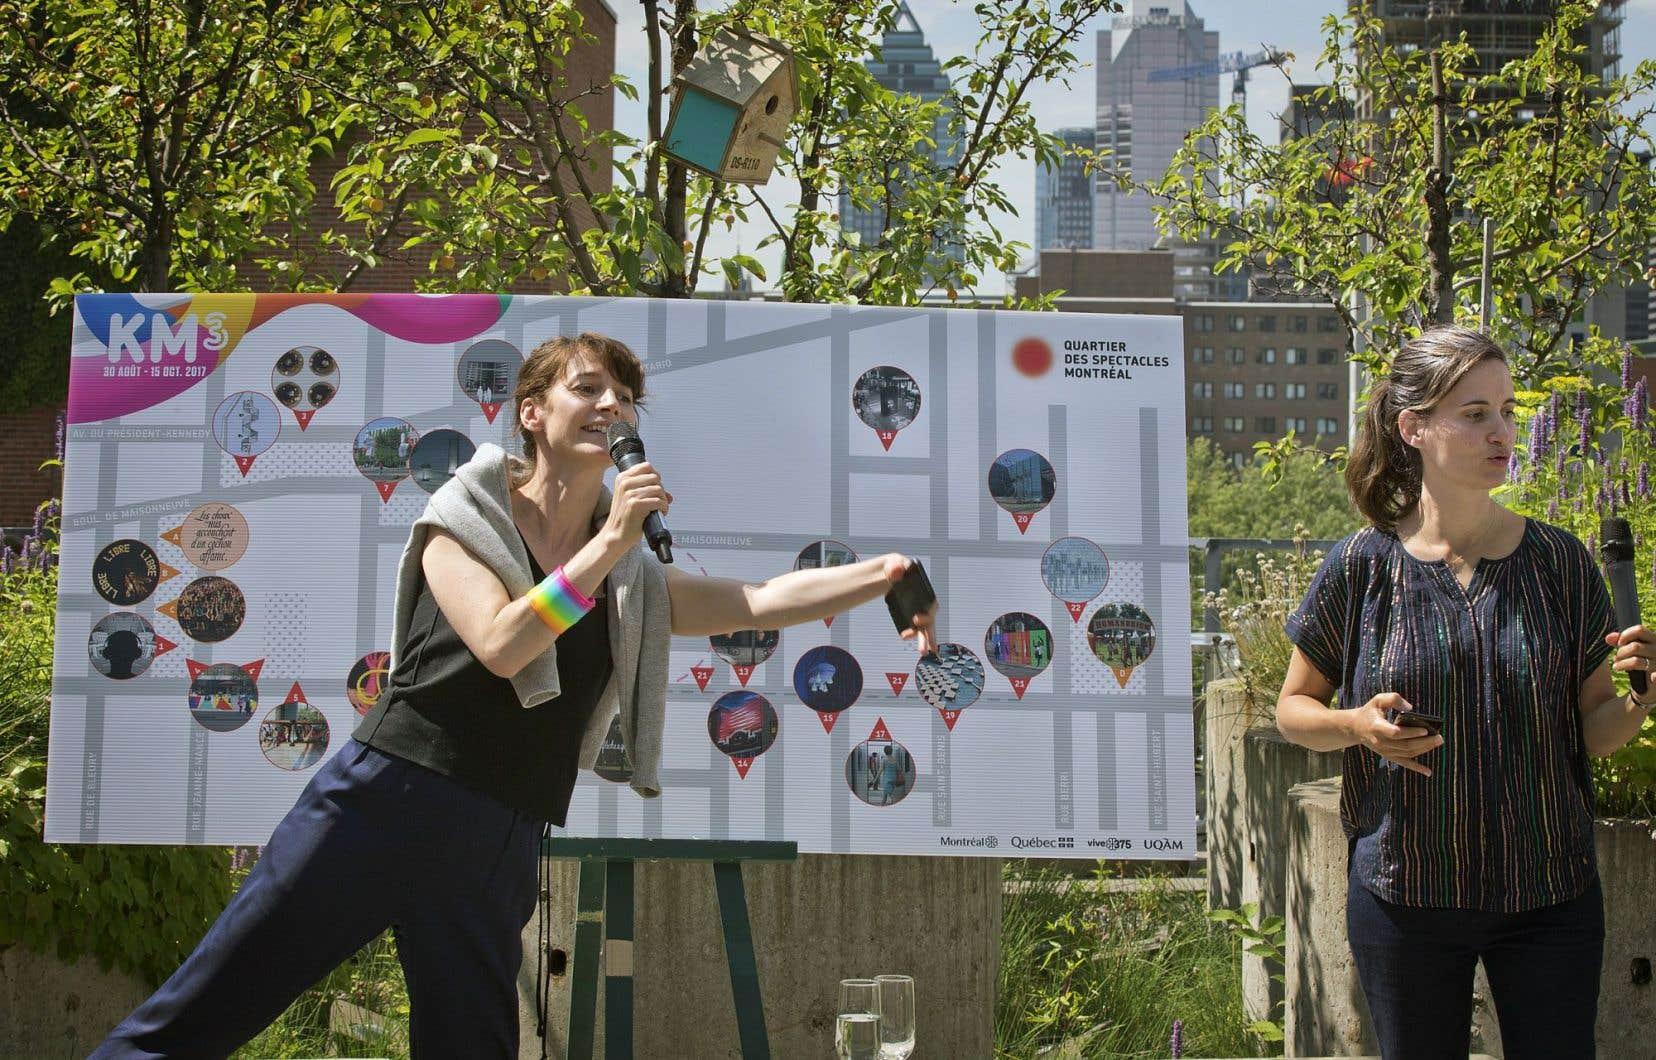 La programmation du parcours-exposition «KM3» a été confiée à Melissa Mongiat et Mouna Andraos, le duo d'artistes derrière le collectif Daily tous les jours.